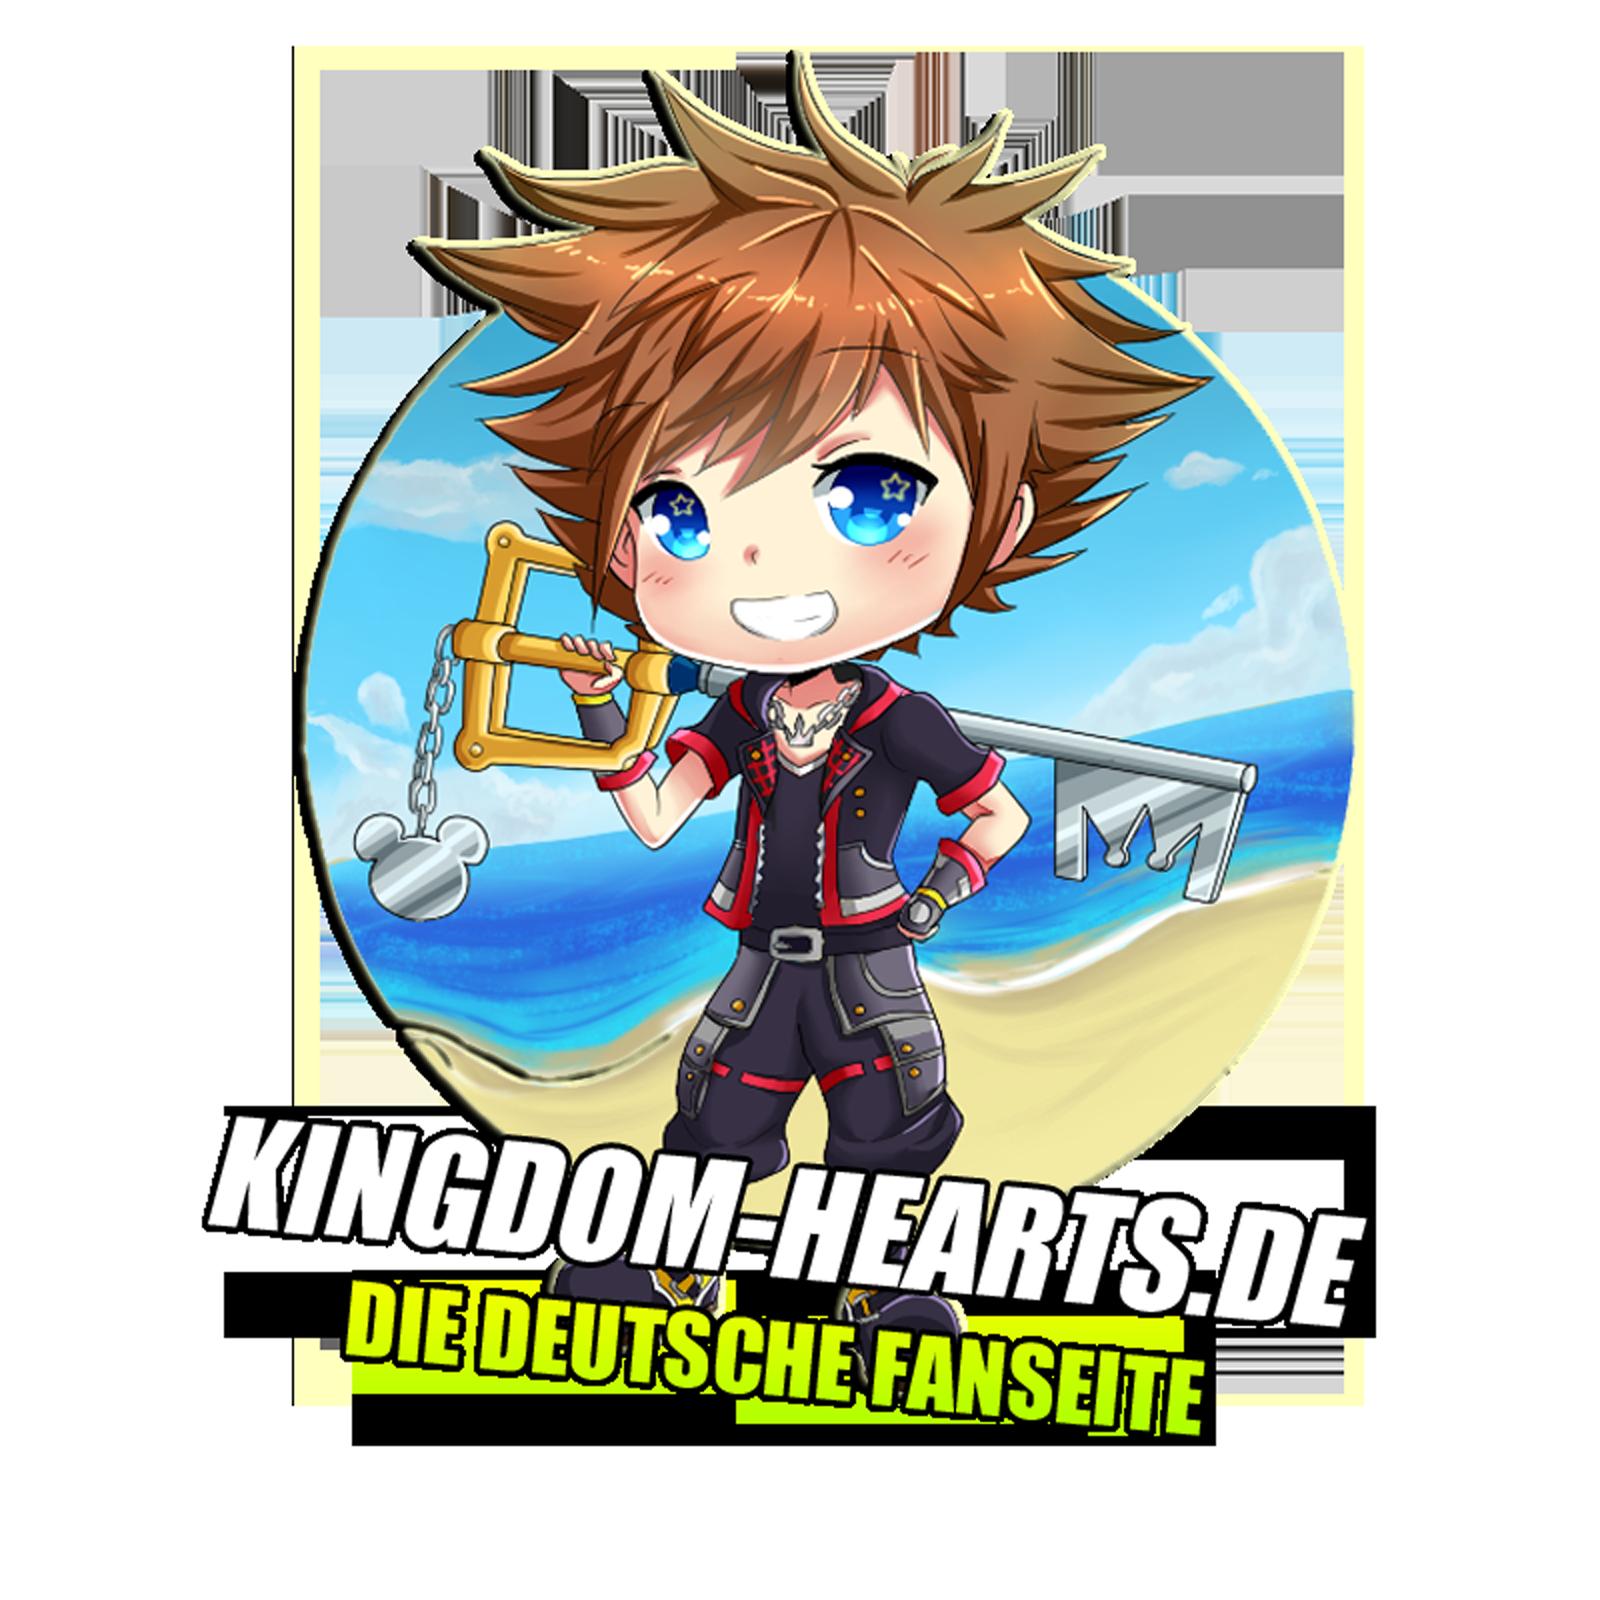 KINGDOM HEARTS GERMANY